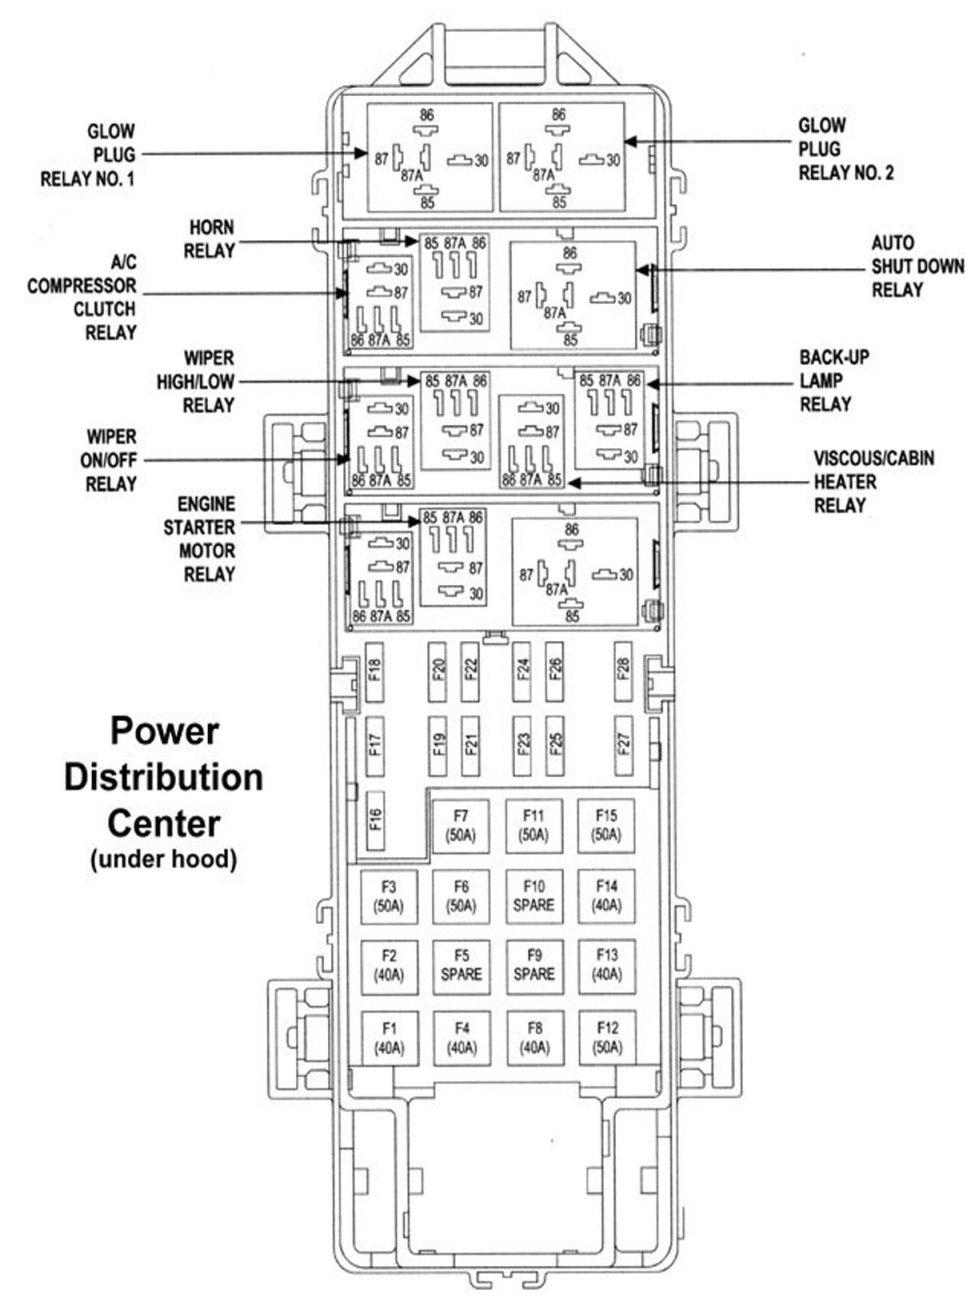 2014 Jeep Patriot Fuse Box Diagram